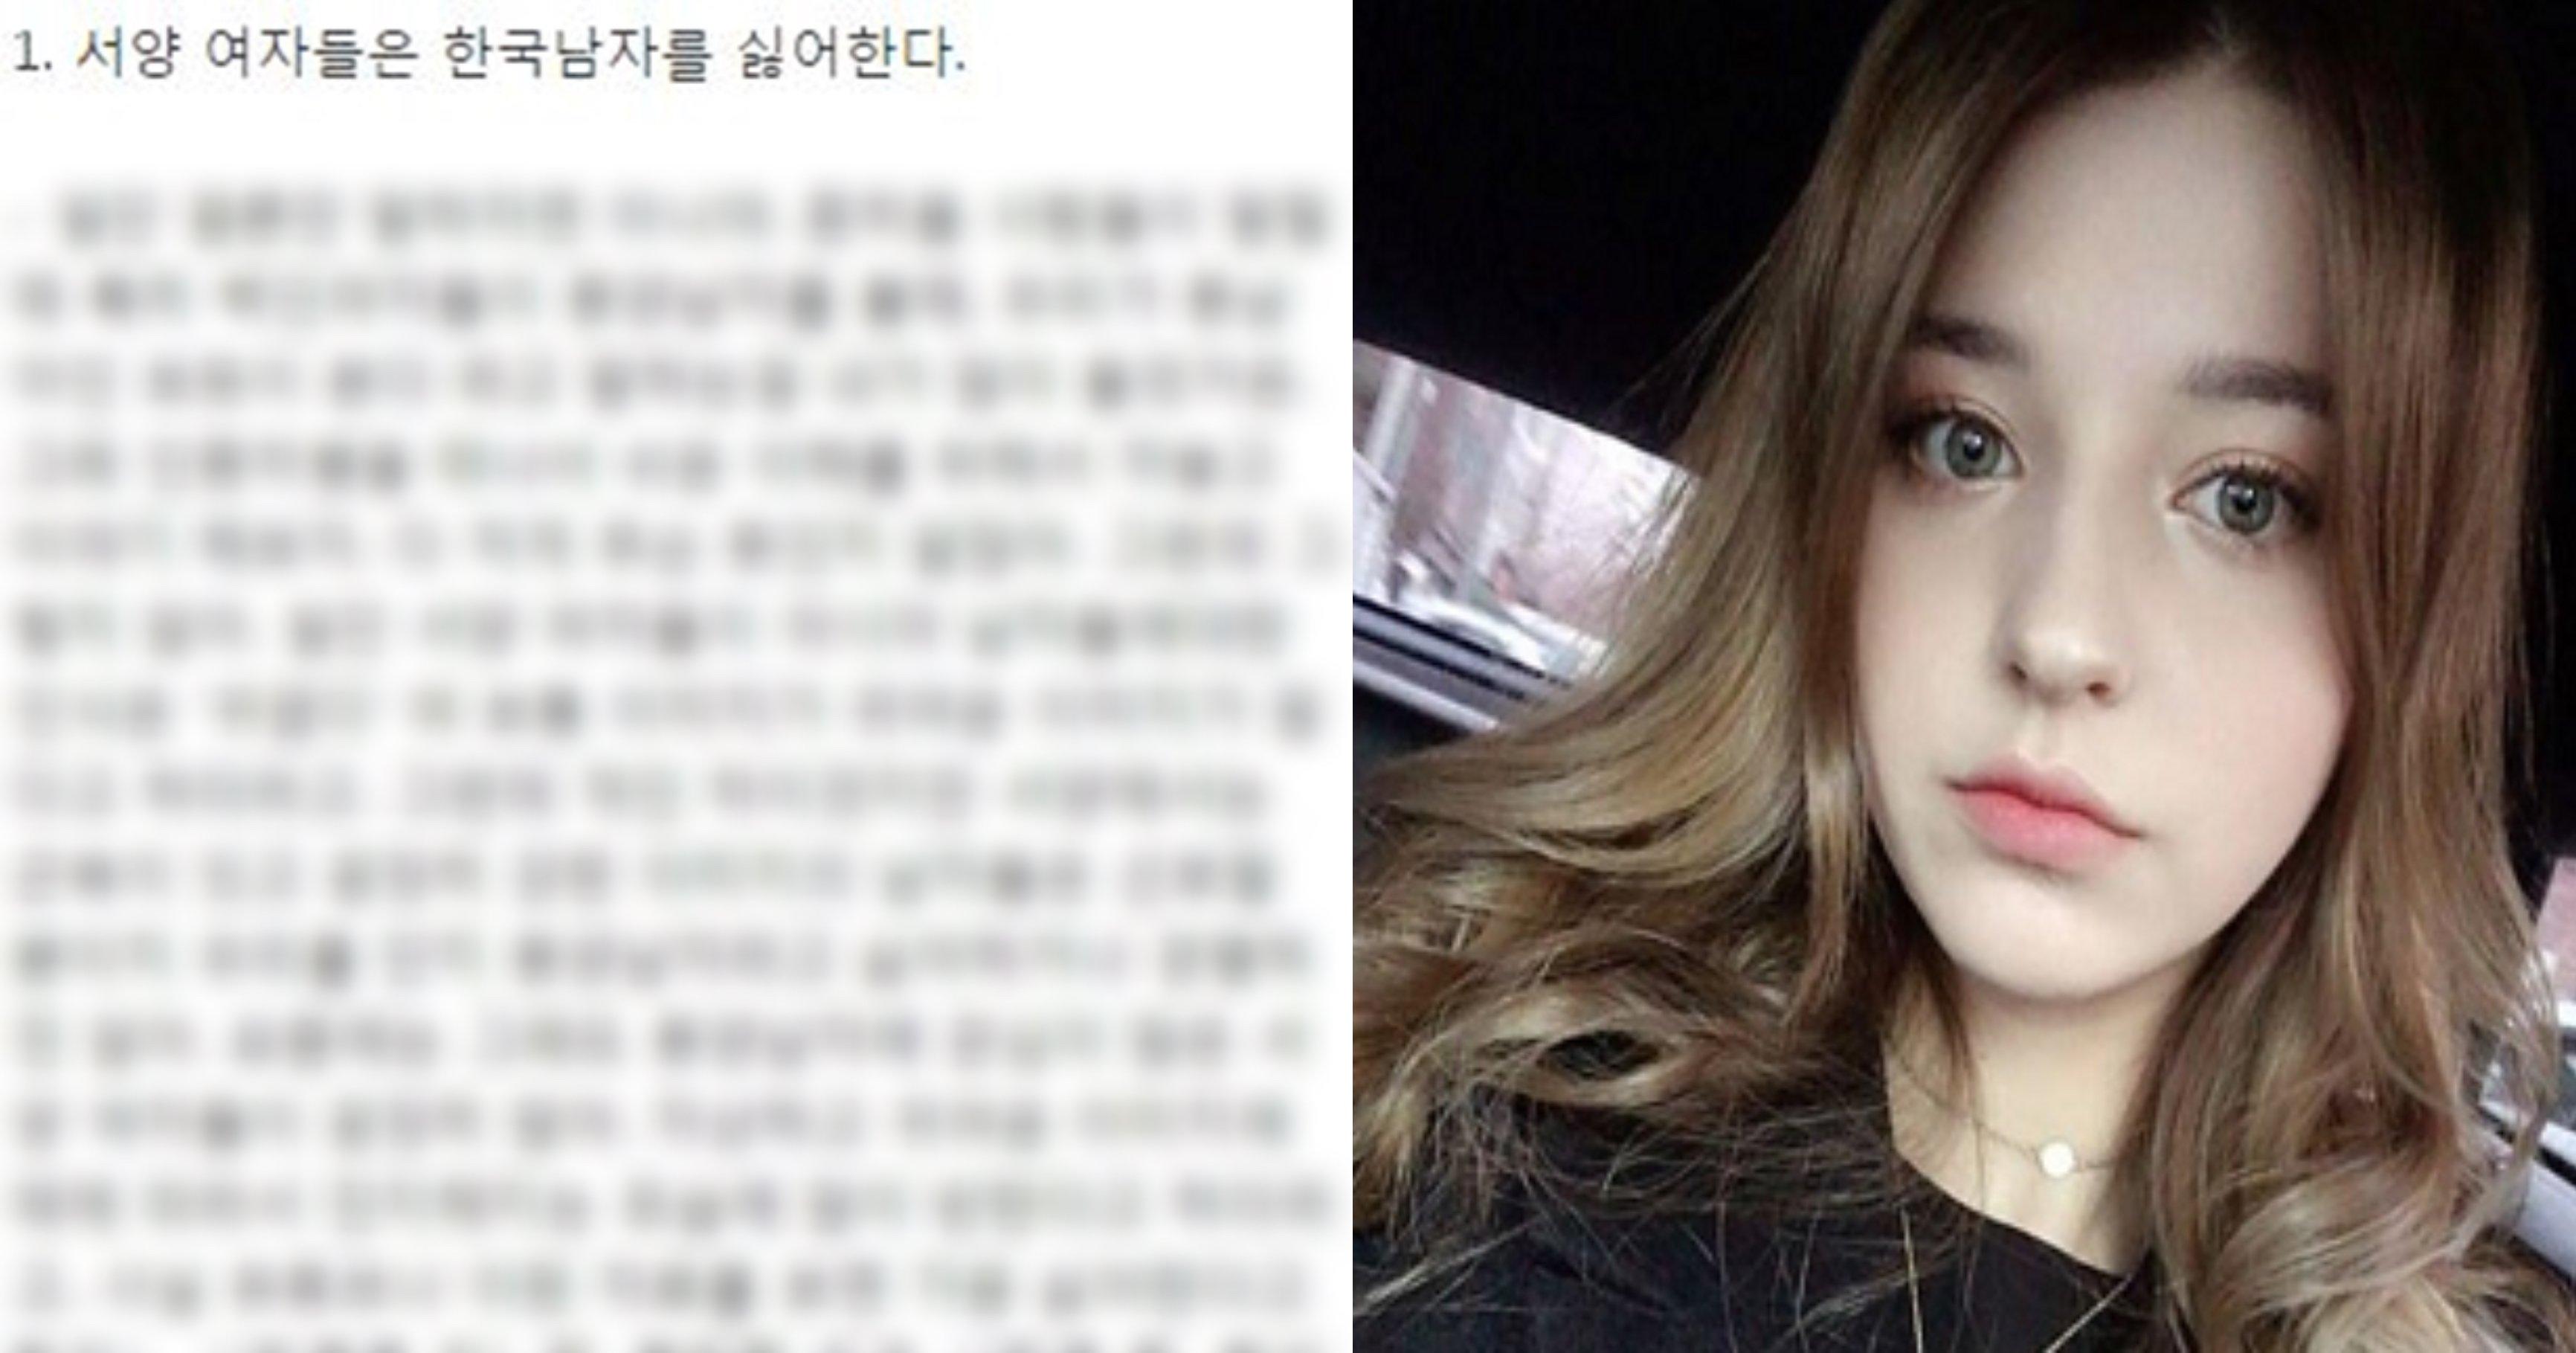 img 8e4bc46b08bf 1.jpeg?resize=412,232 - 유럽 여자들이 말하는 한국 남자들에대한 환상